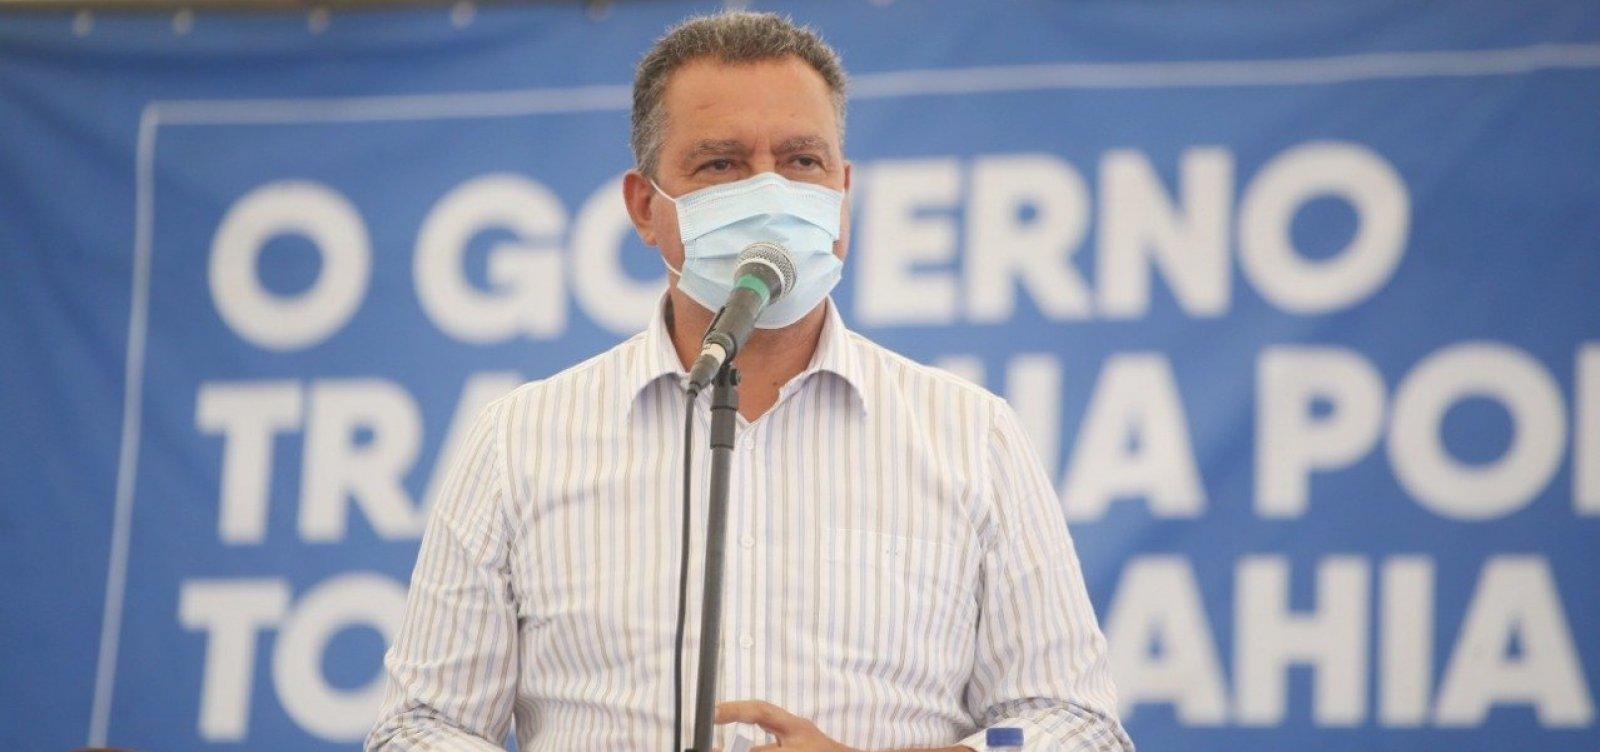 """Rui diz não ter """"desespero"""" em lançar candidatura e promete mandato """"até último dia"""" 18"""